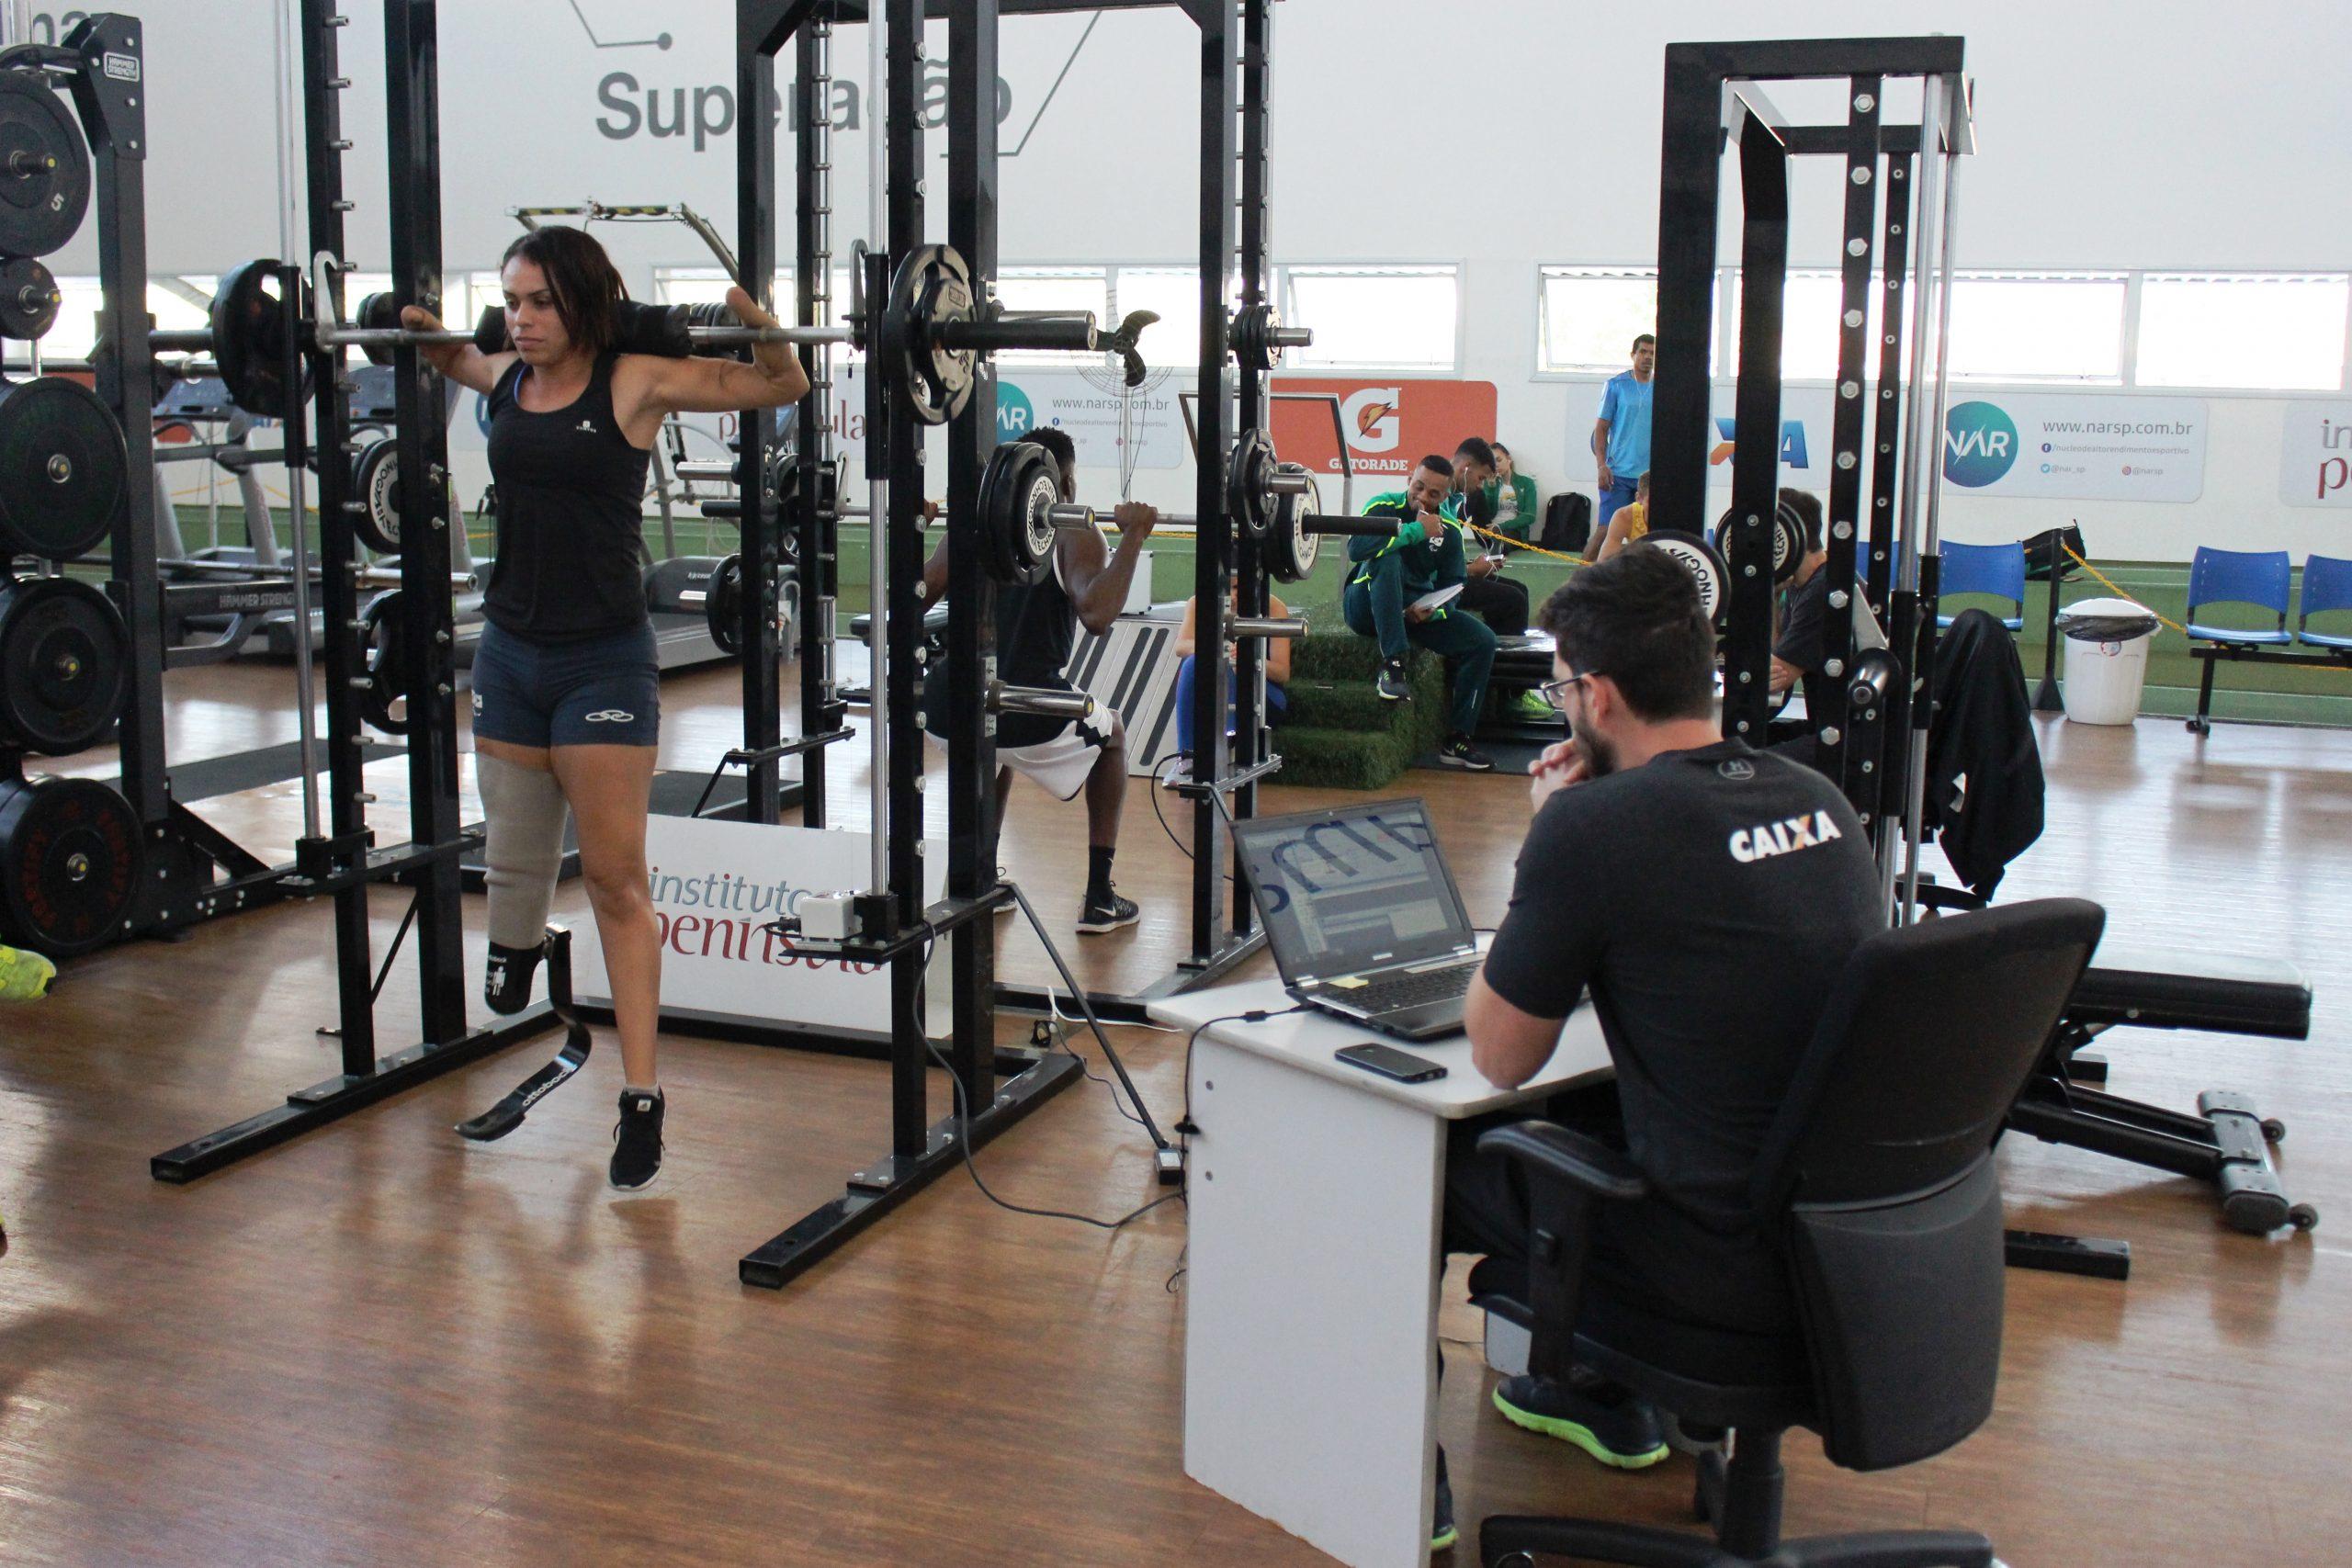 Seleção paralímpica de atletismo passa por testes no NAR